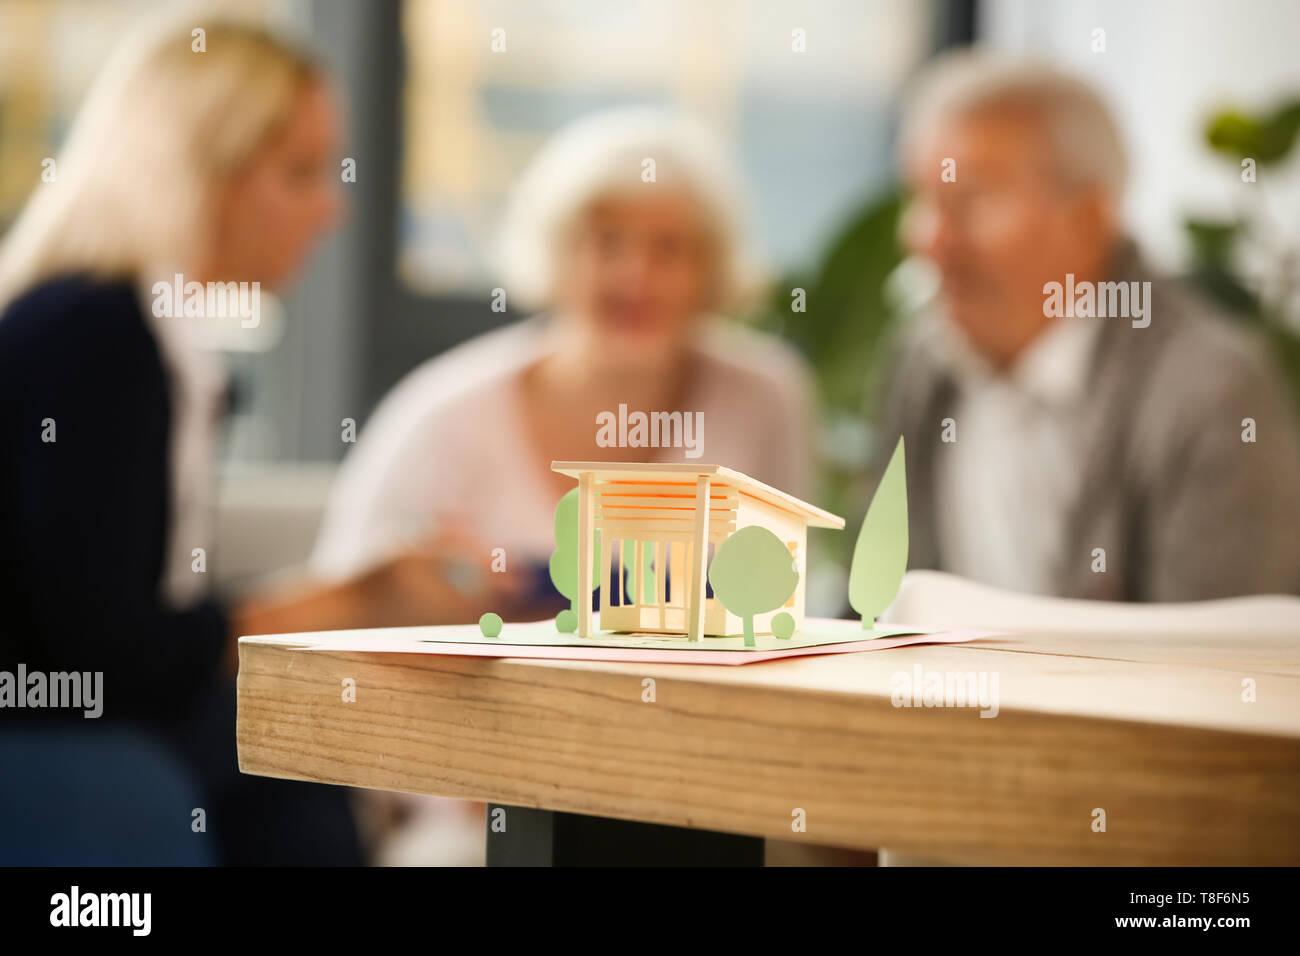 Papier Modell des Haus am Tisch im Büro von Real estate agent Stockbild